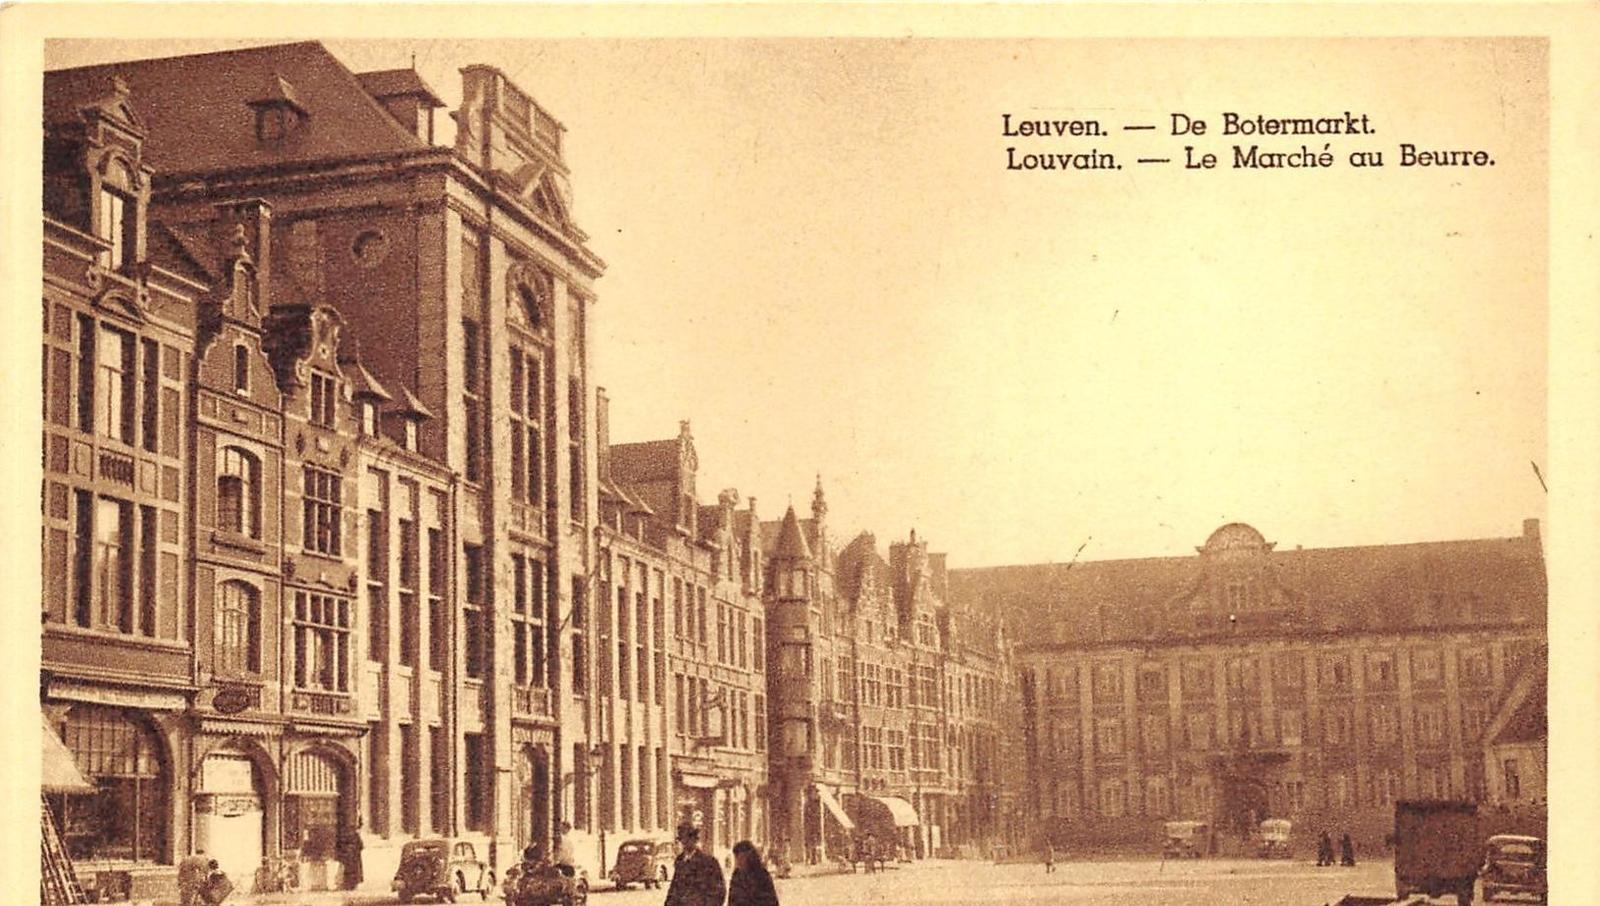 Louvain - Louvain - Le Marché au Beurre